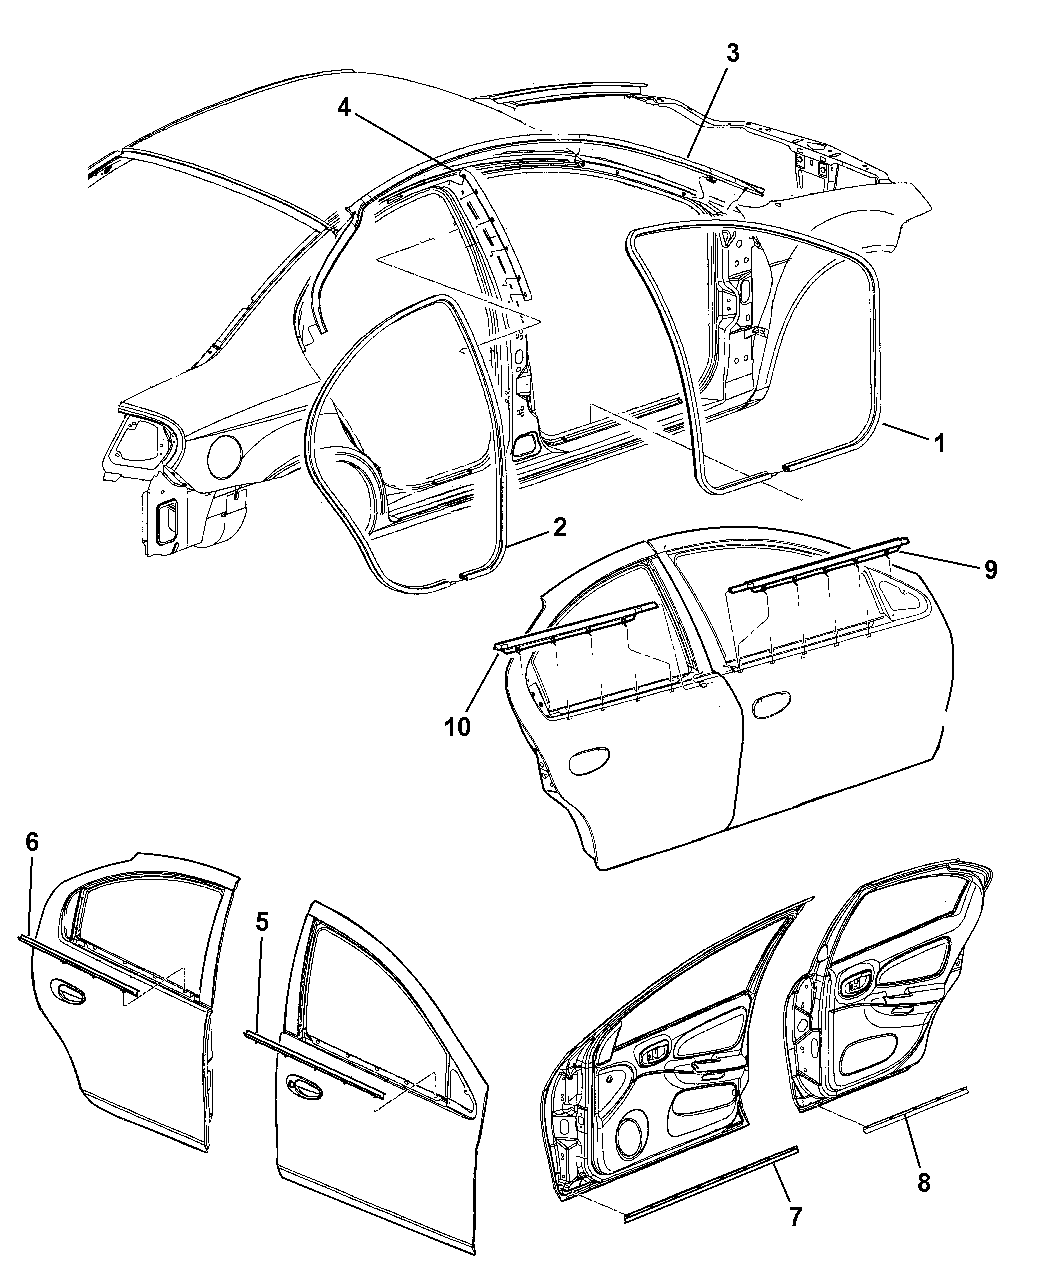 srt4 belt diagram 2005 dodge neon door  front   rear weatherstrips   seal  2005 dodge neon door  front   rear